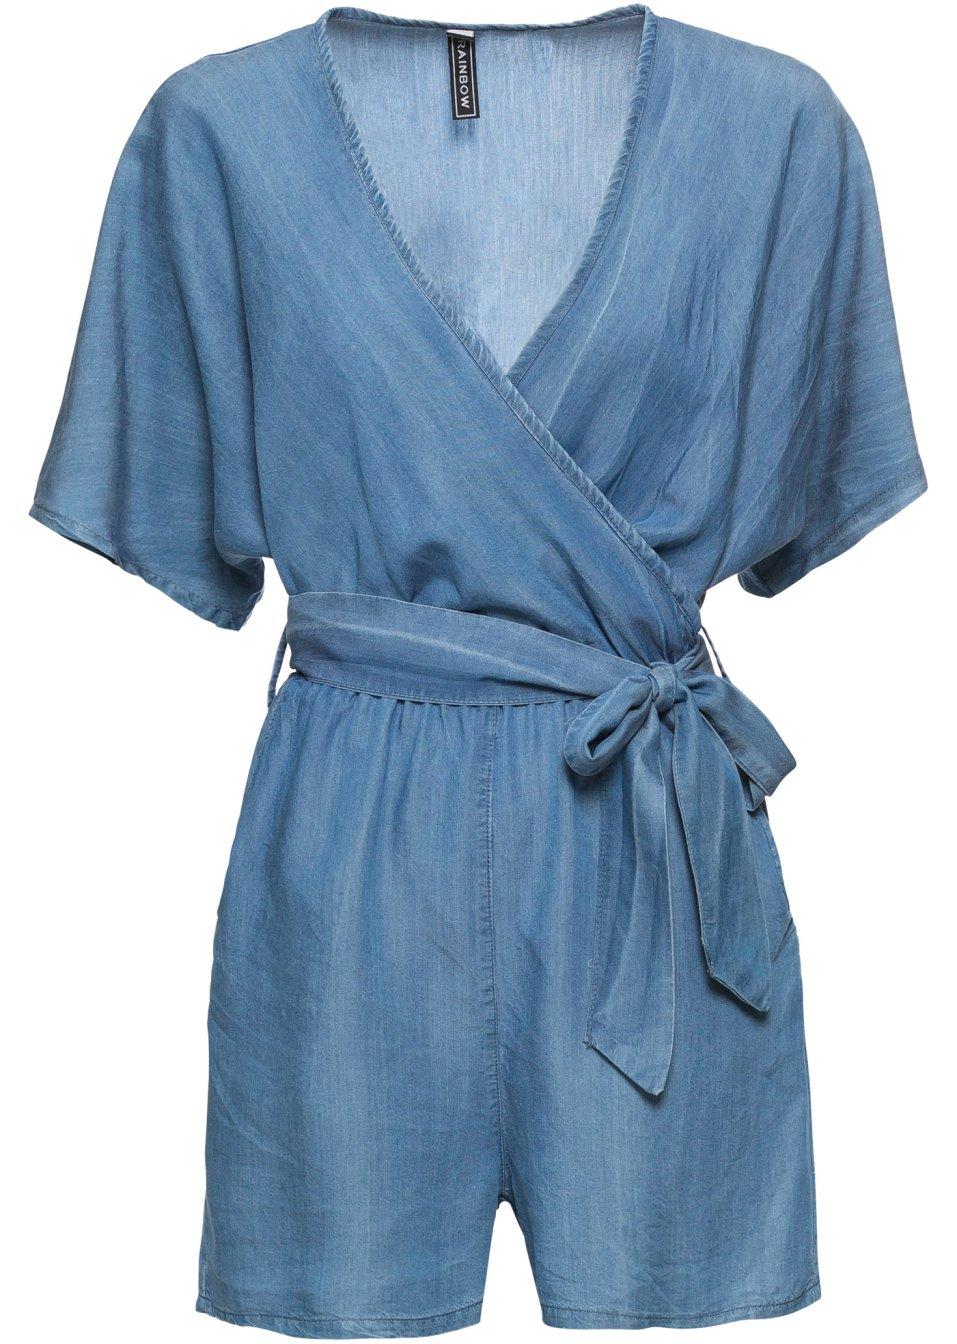 Stylisher Jumpsuit in angesagter Wickeloptik mit Bindeband - blau Bx25v z6iNf